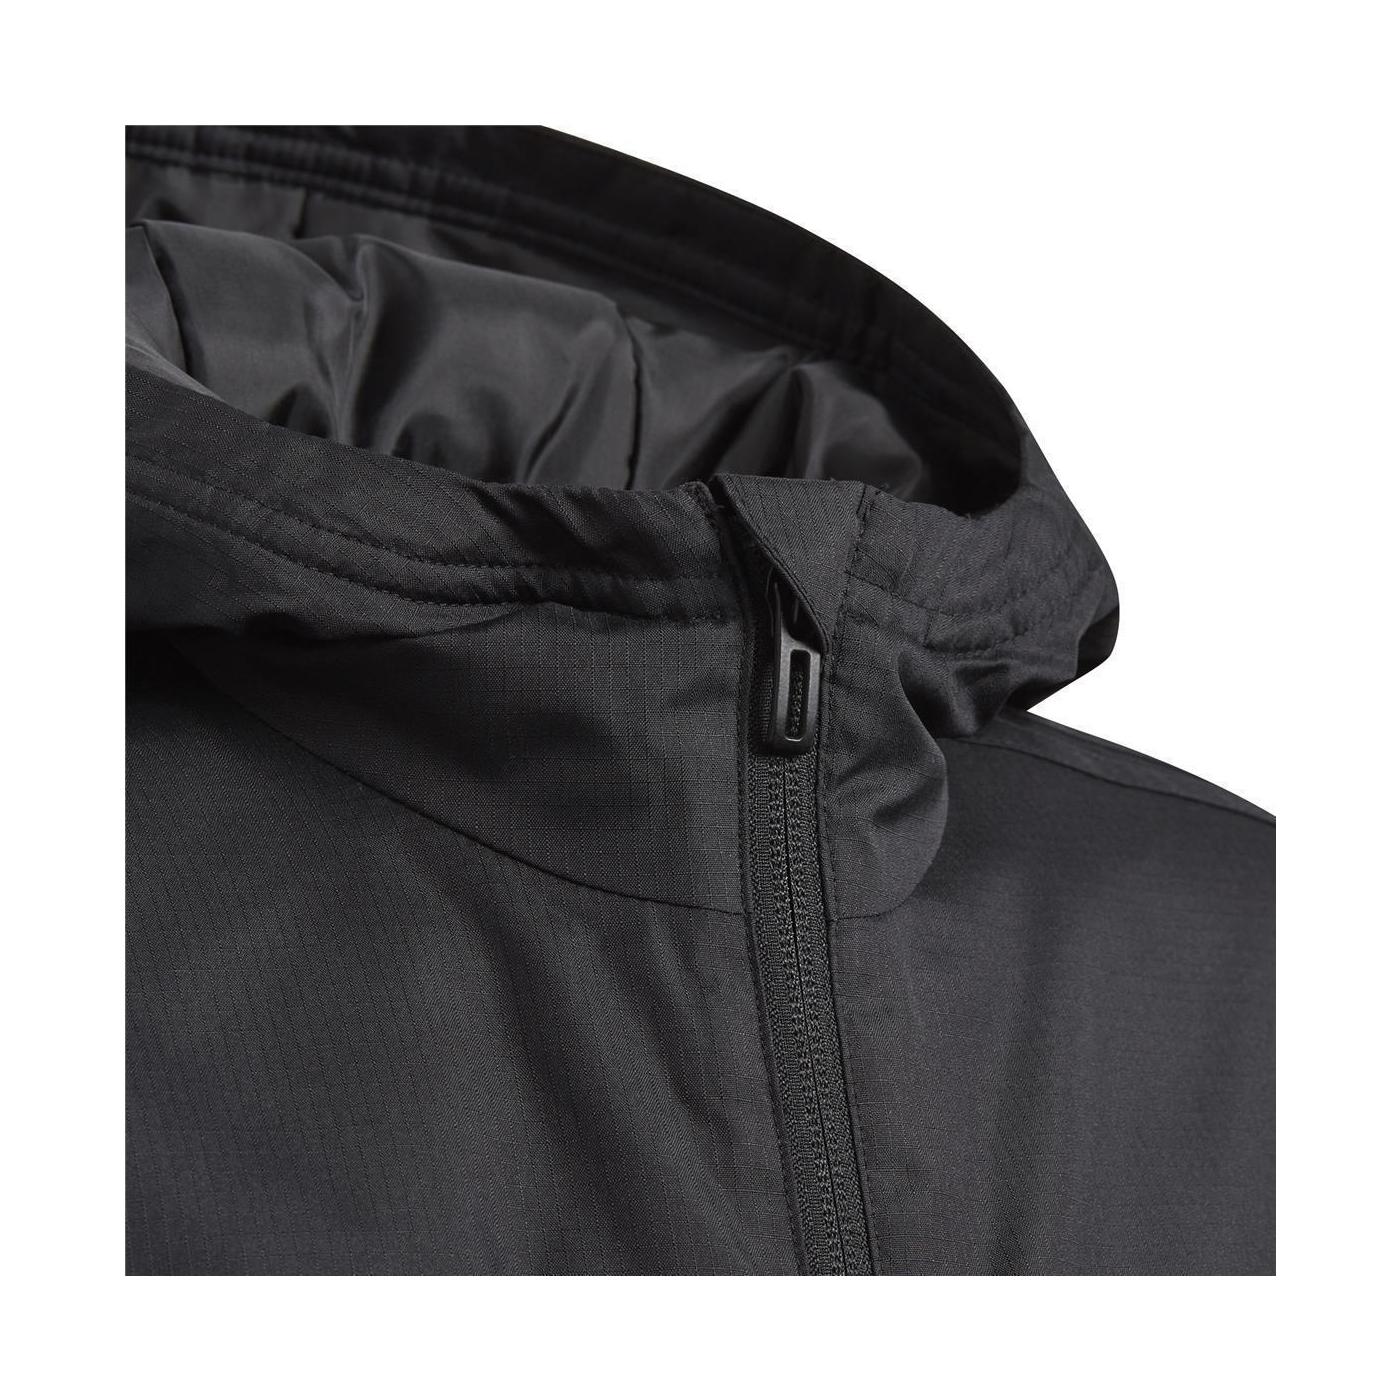 Kinder Condivo 18 Jacken Jacke Adidas Winter zVpjSGLqUM